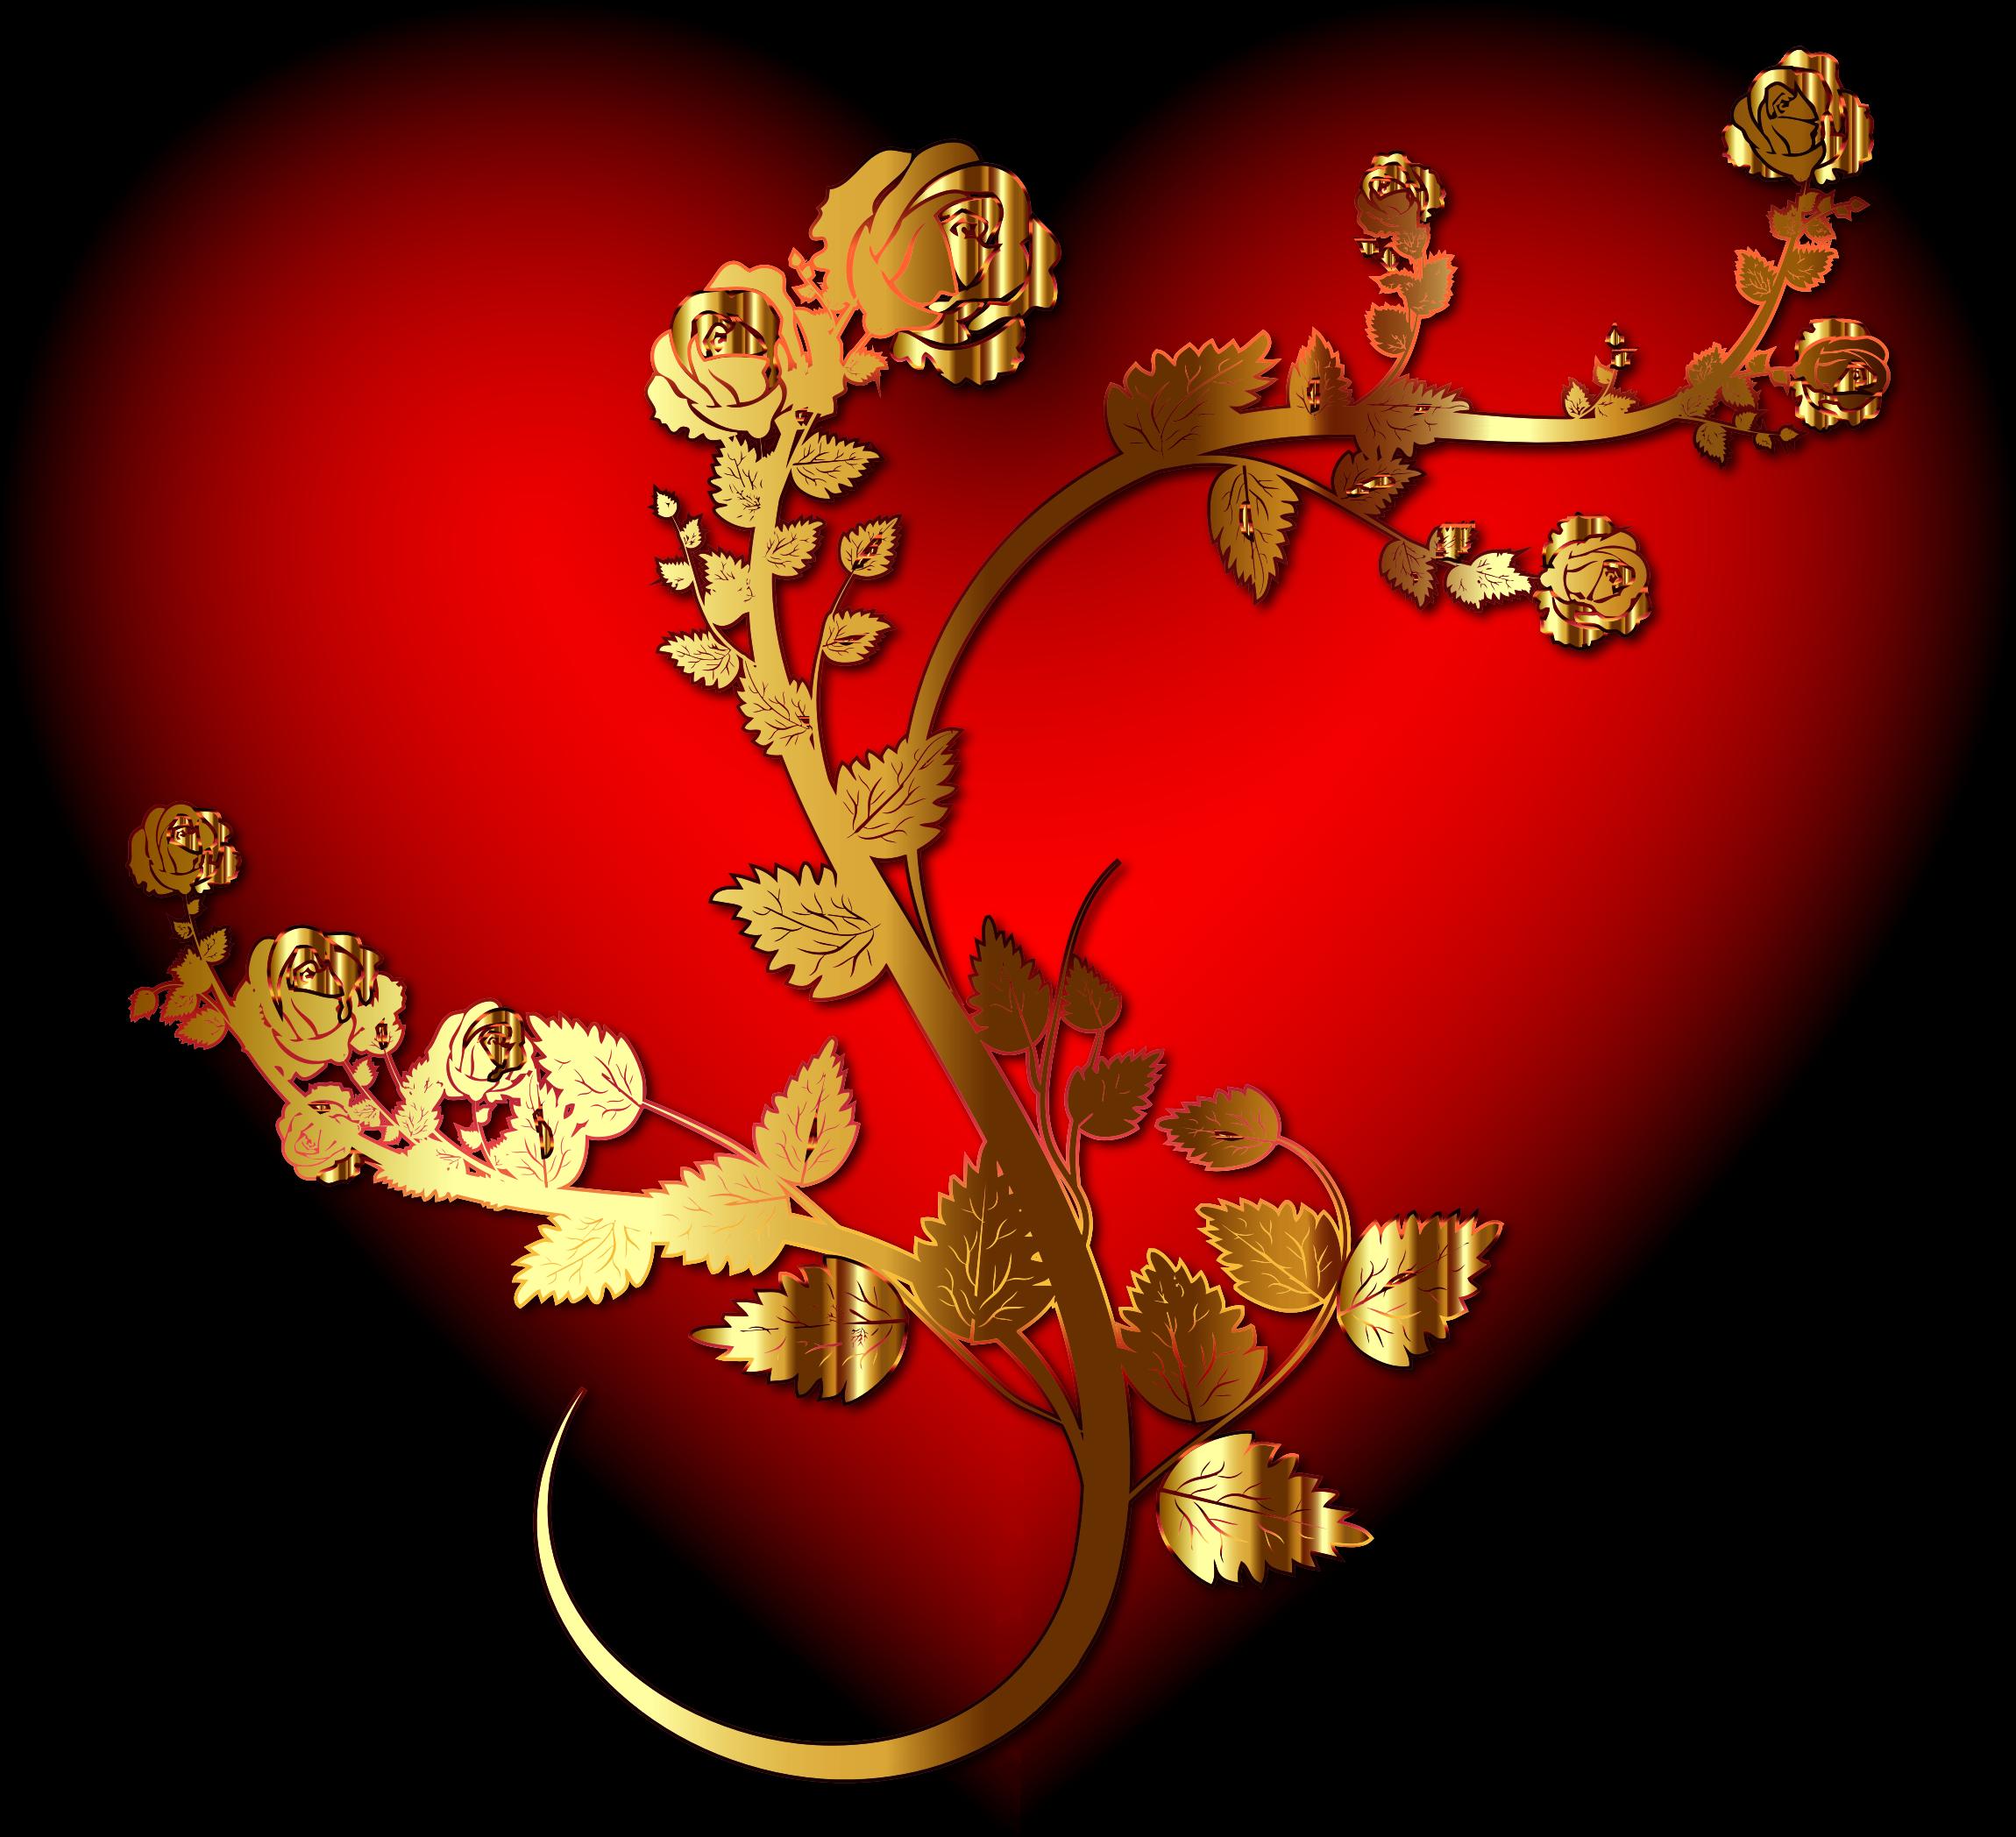 Hearts clipart rose. Golden heart enhanced big